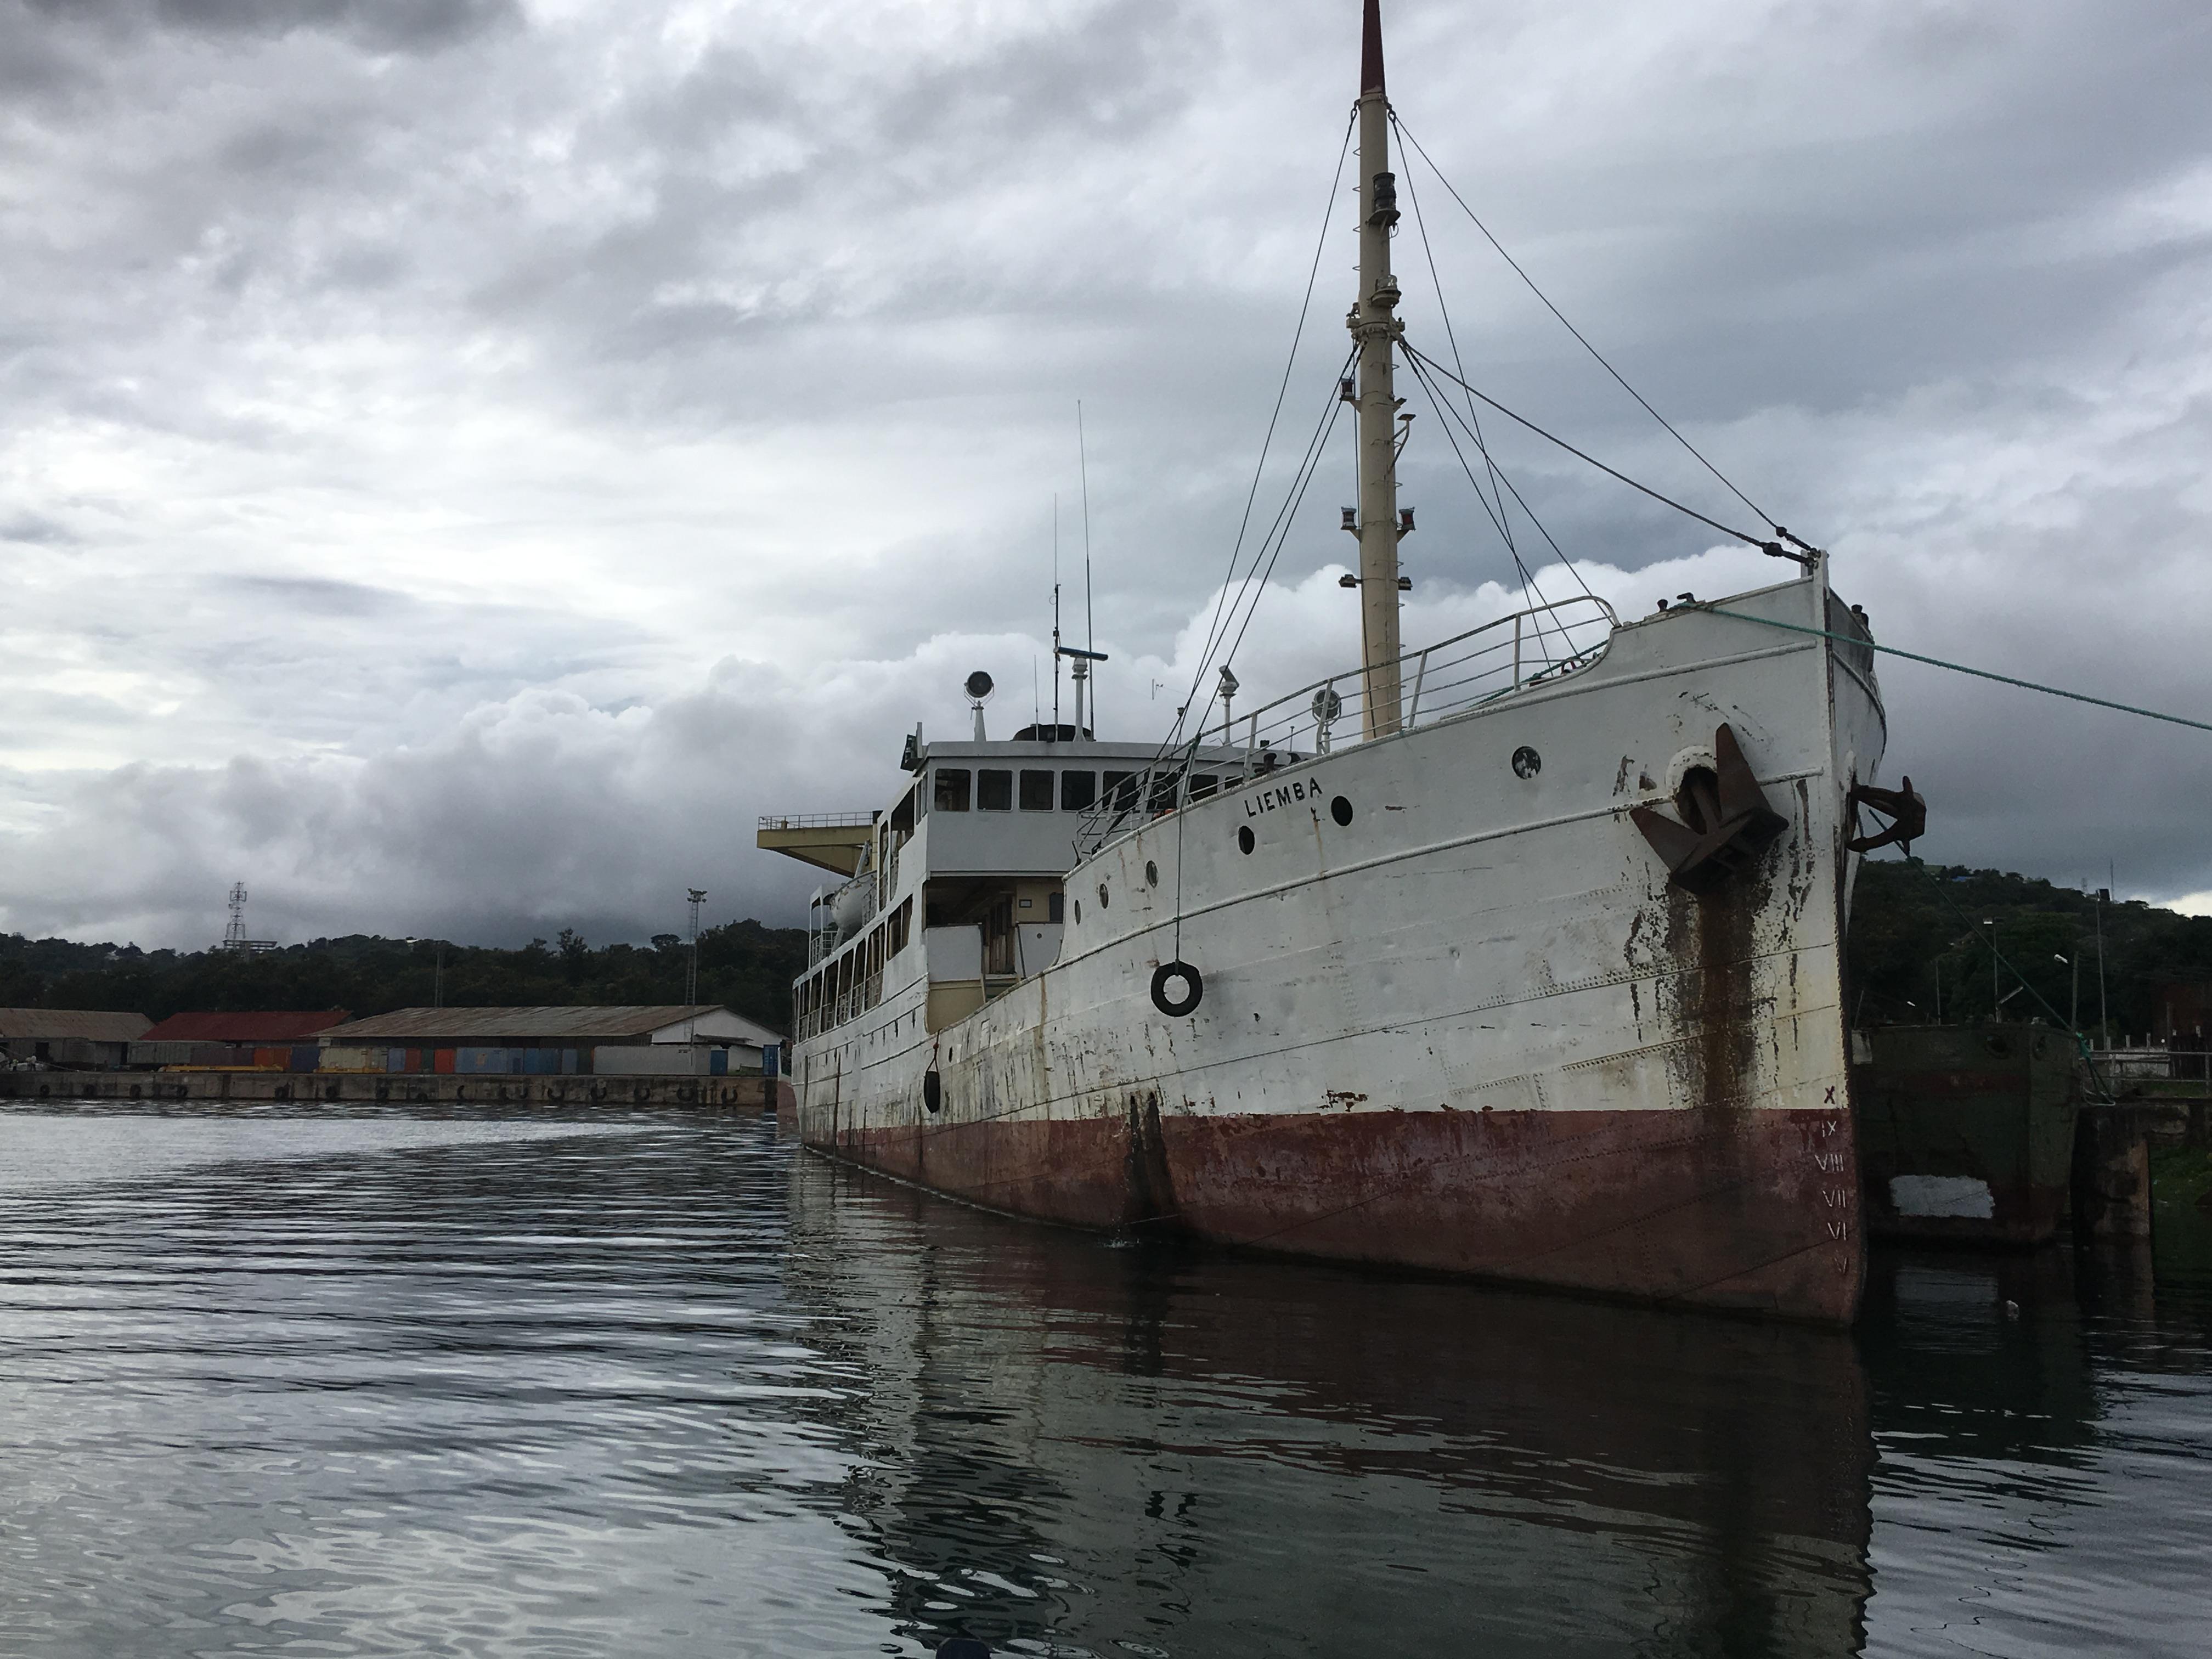 What Is Eating up MV Liemba's Dock Space at Lake Tanganyika?